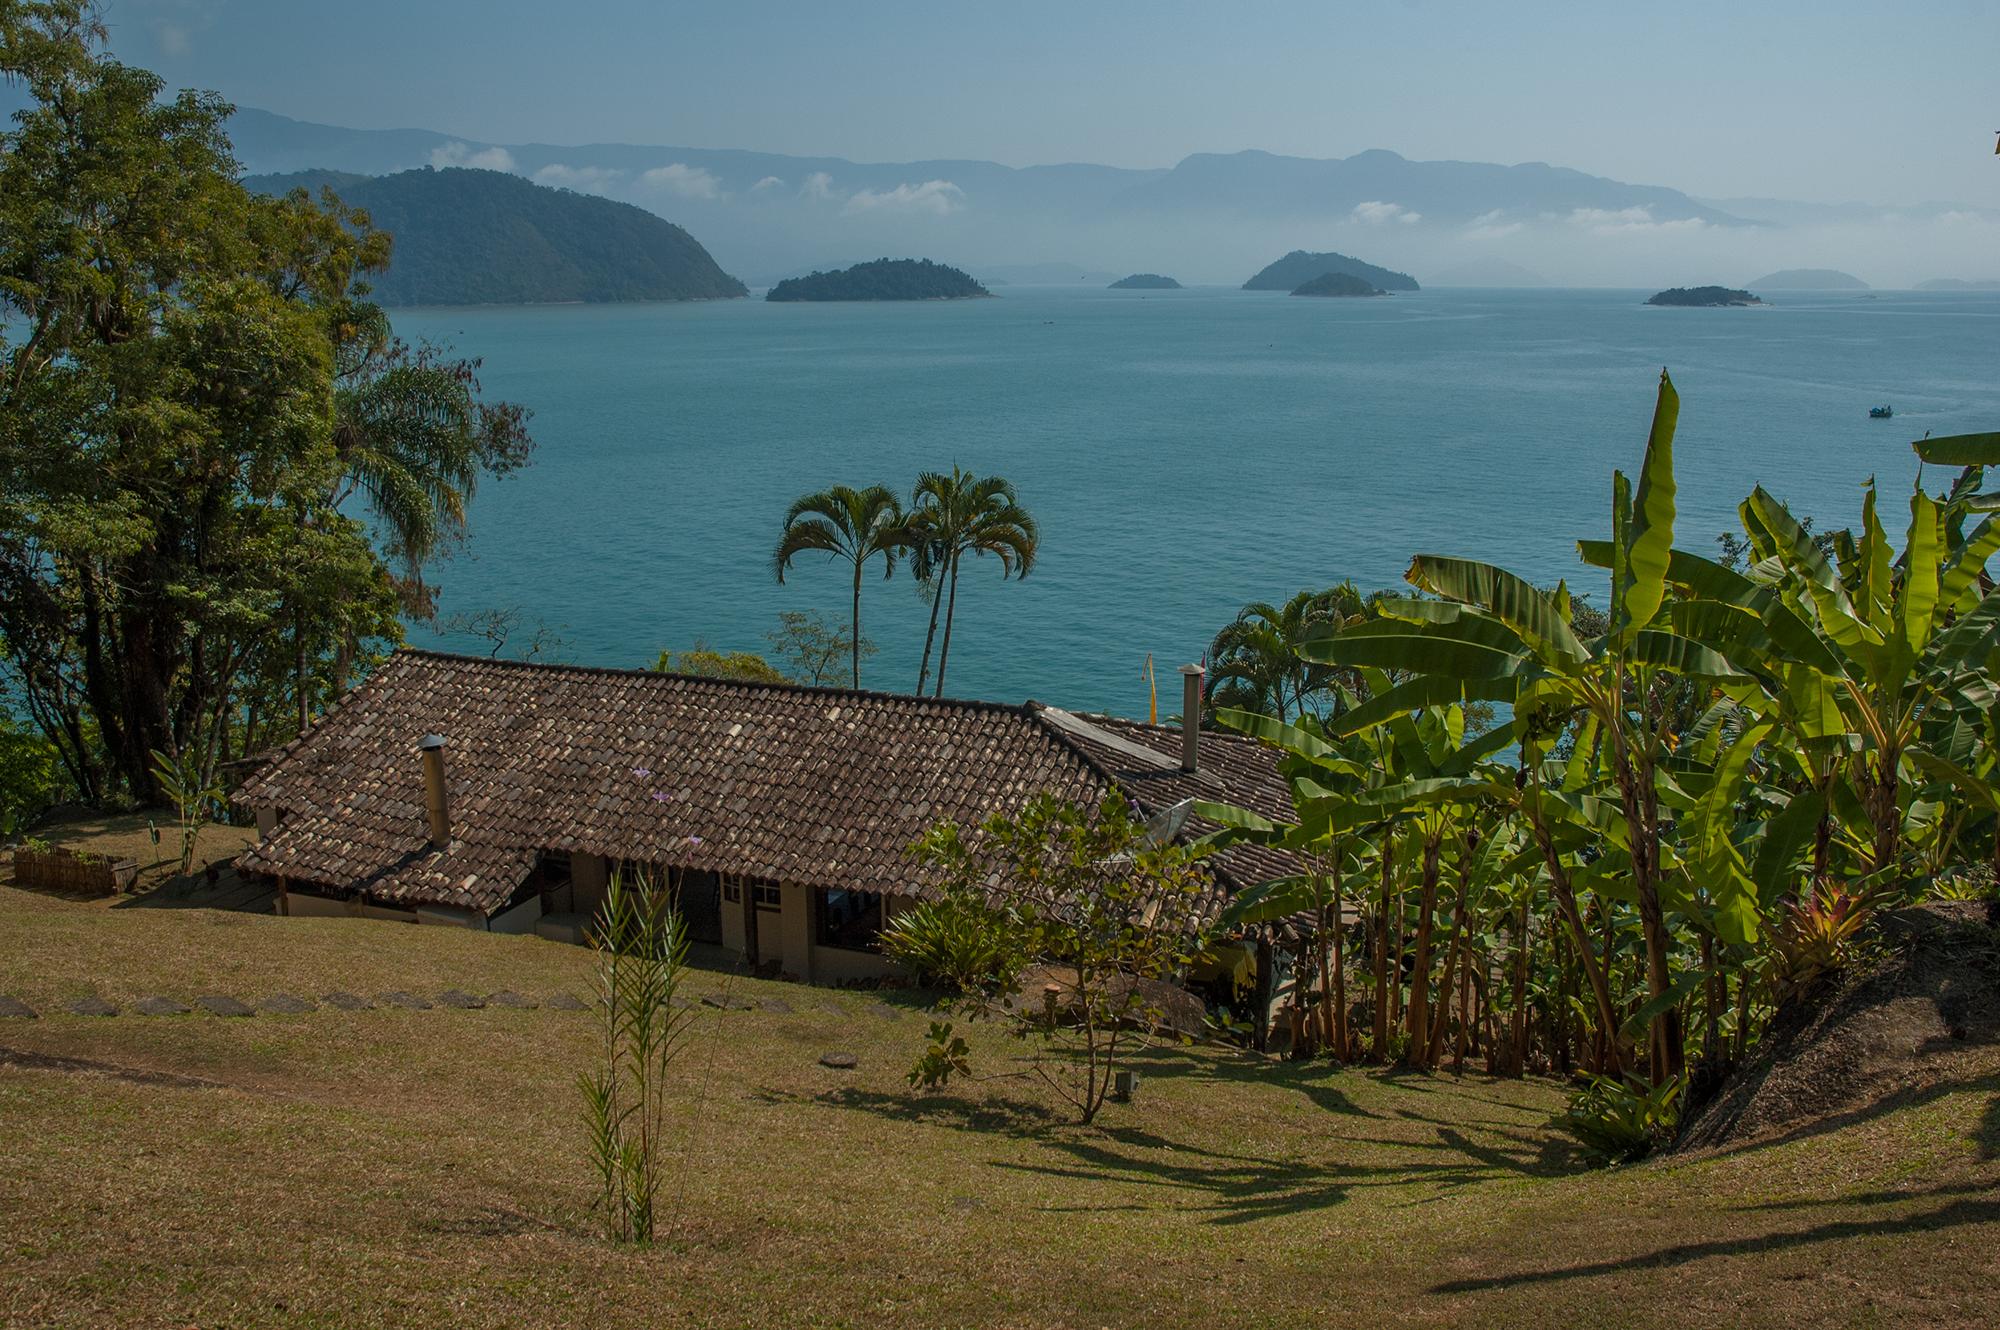 ブラジル リゾート サンパウロ